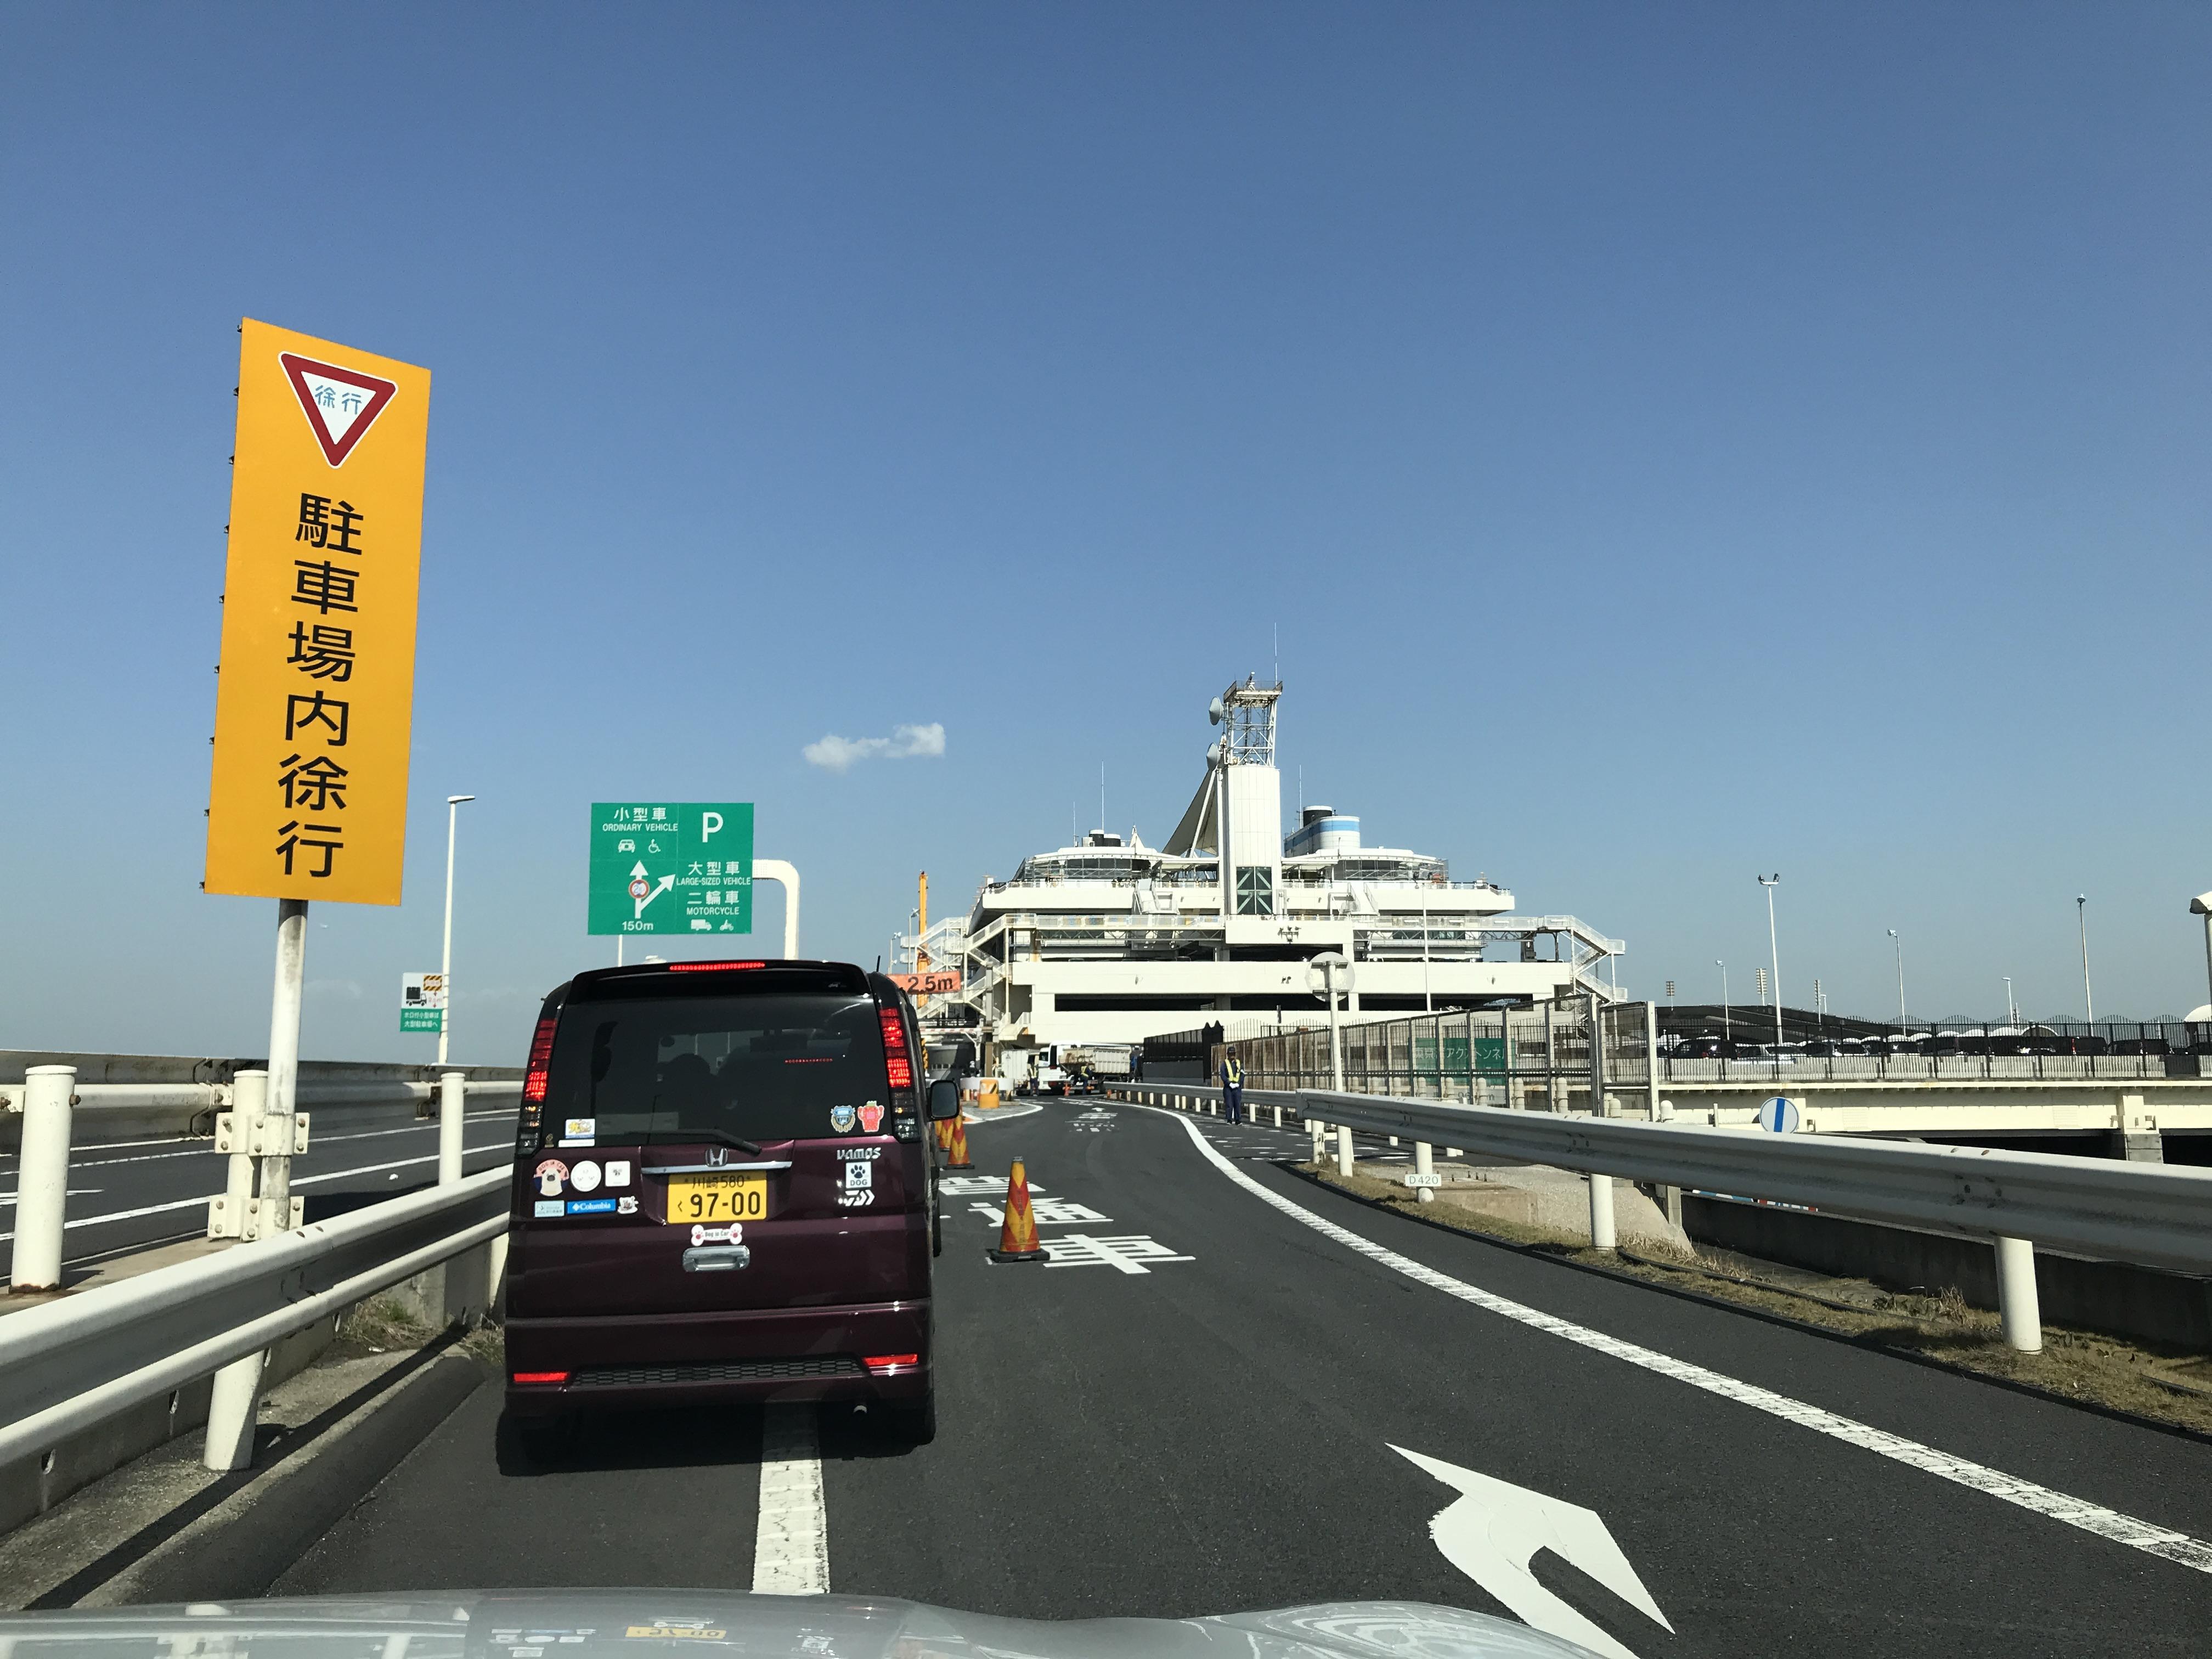 千葉県外房ドライブ